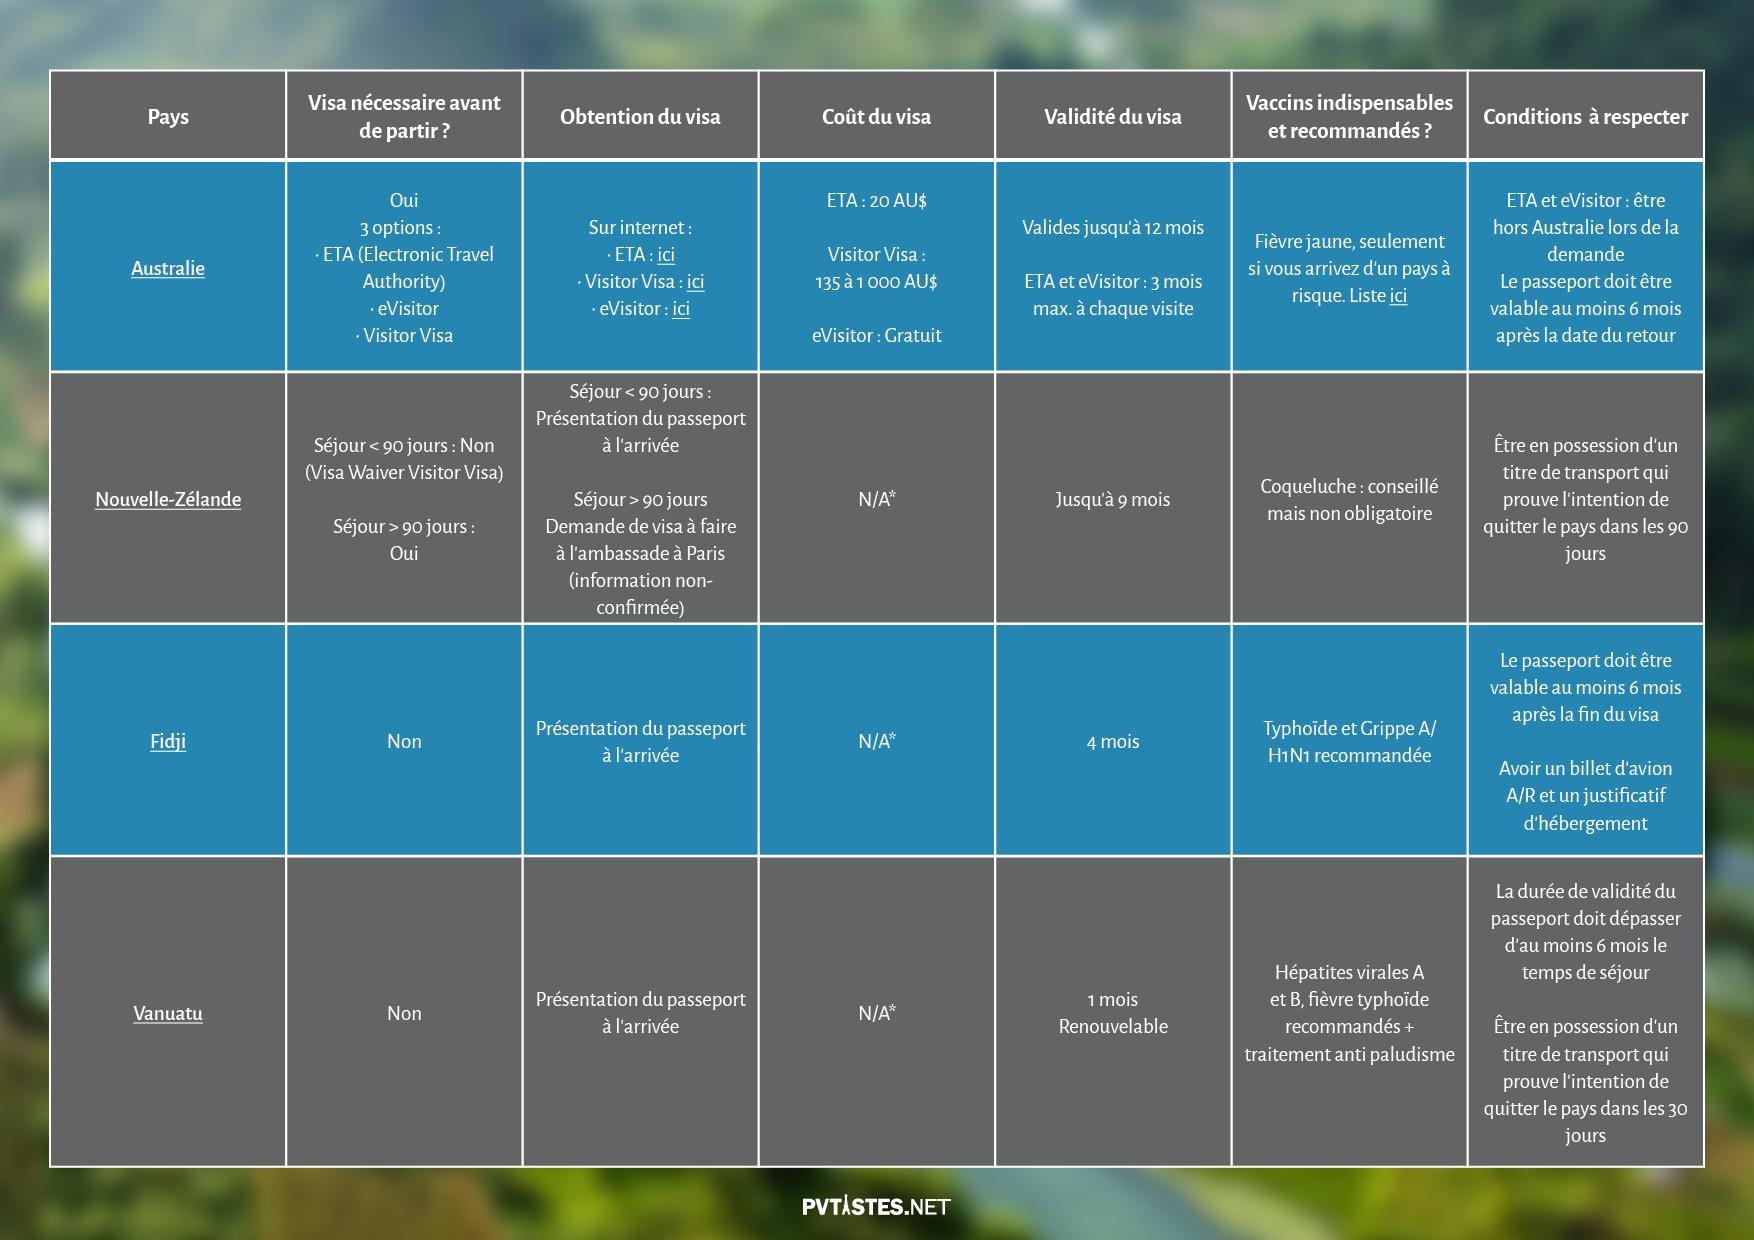 Tourisme en Asie et dans le Pacifique - Visas et Vaccins 2